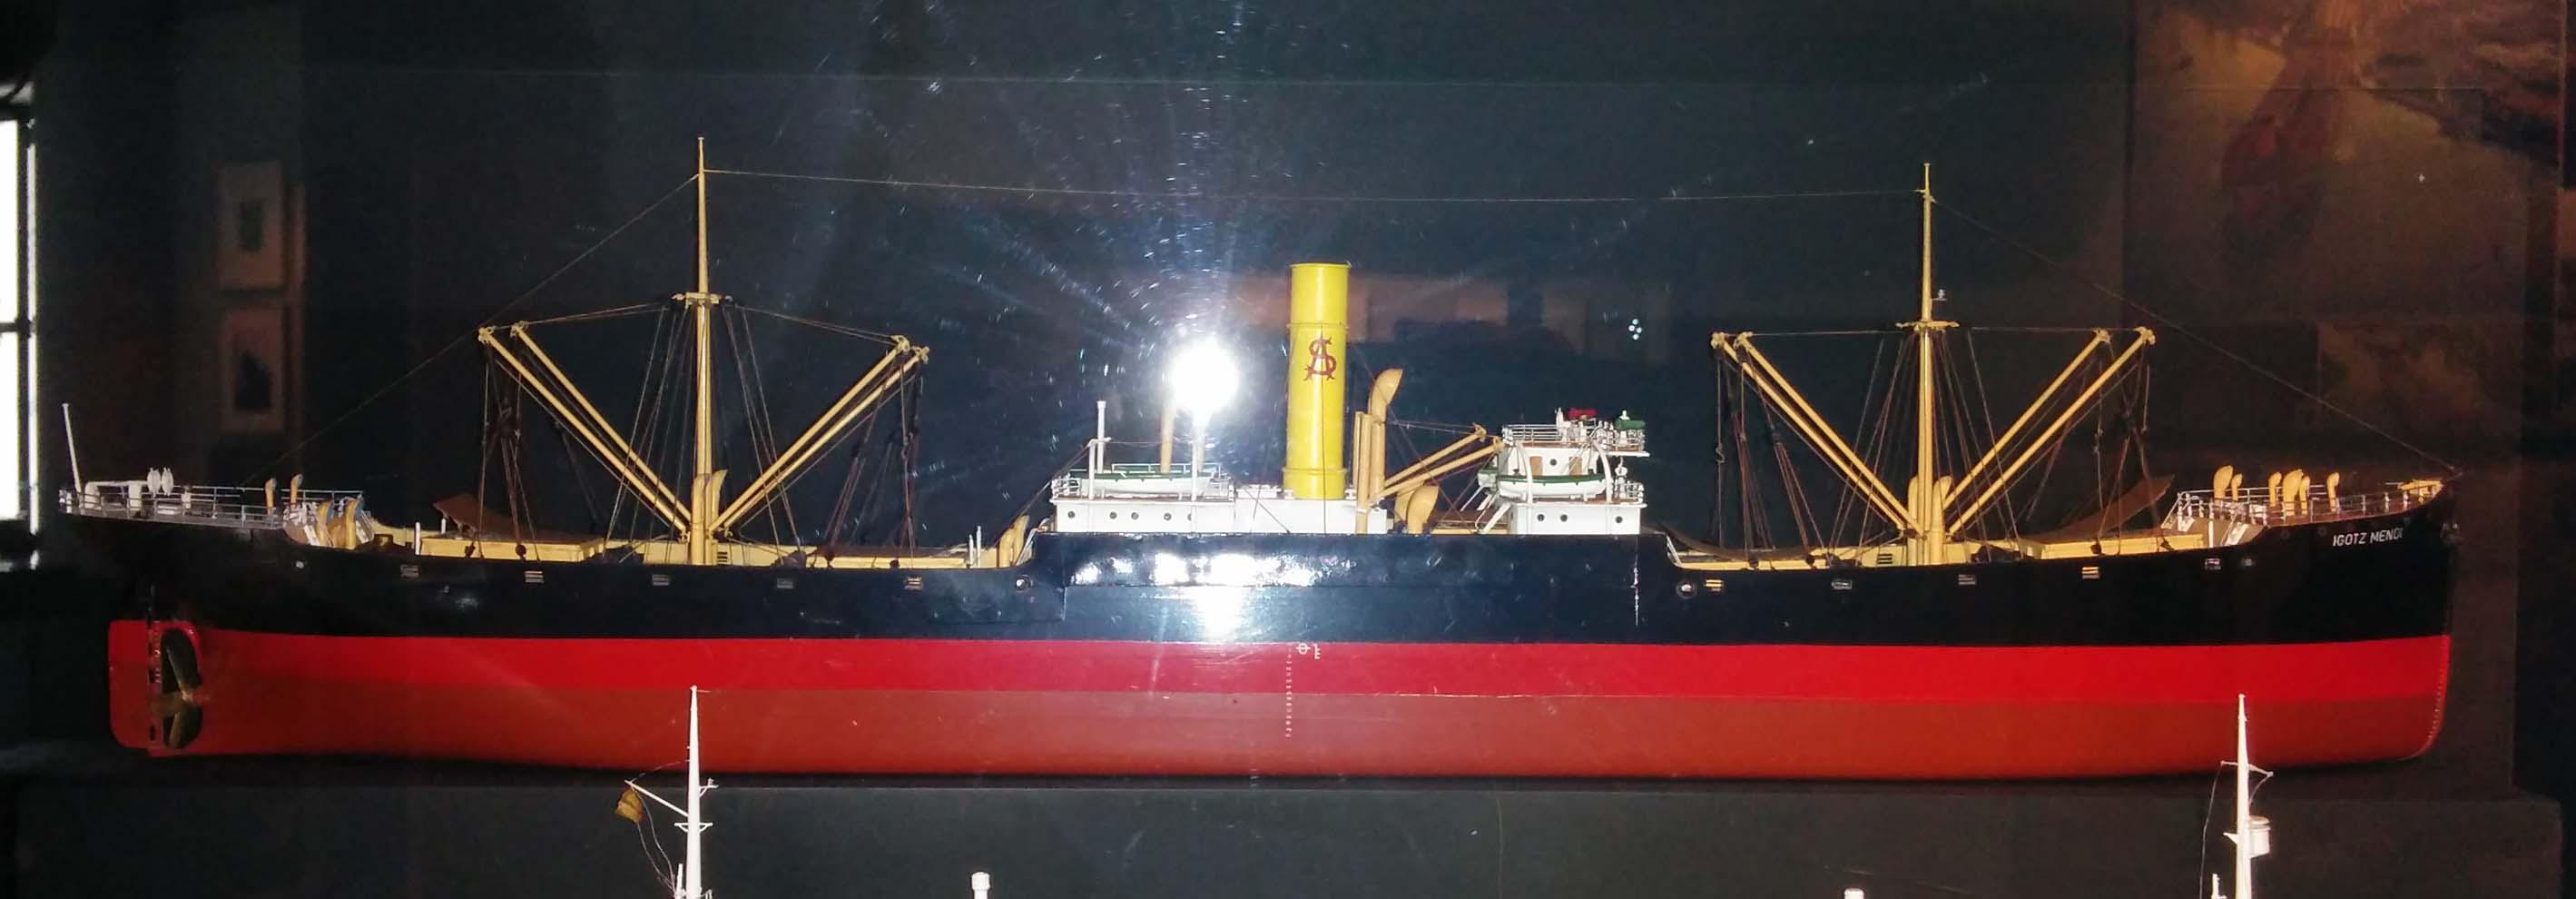 Maqueta buque IGOTZ MENDI